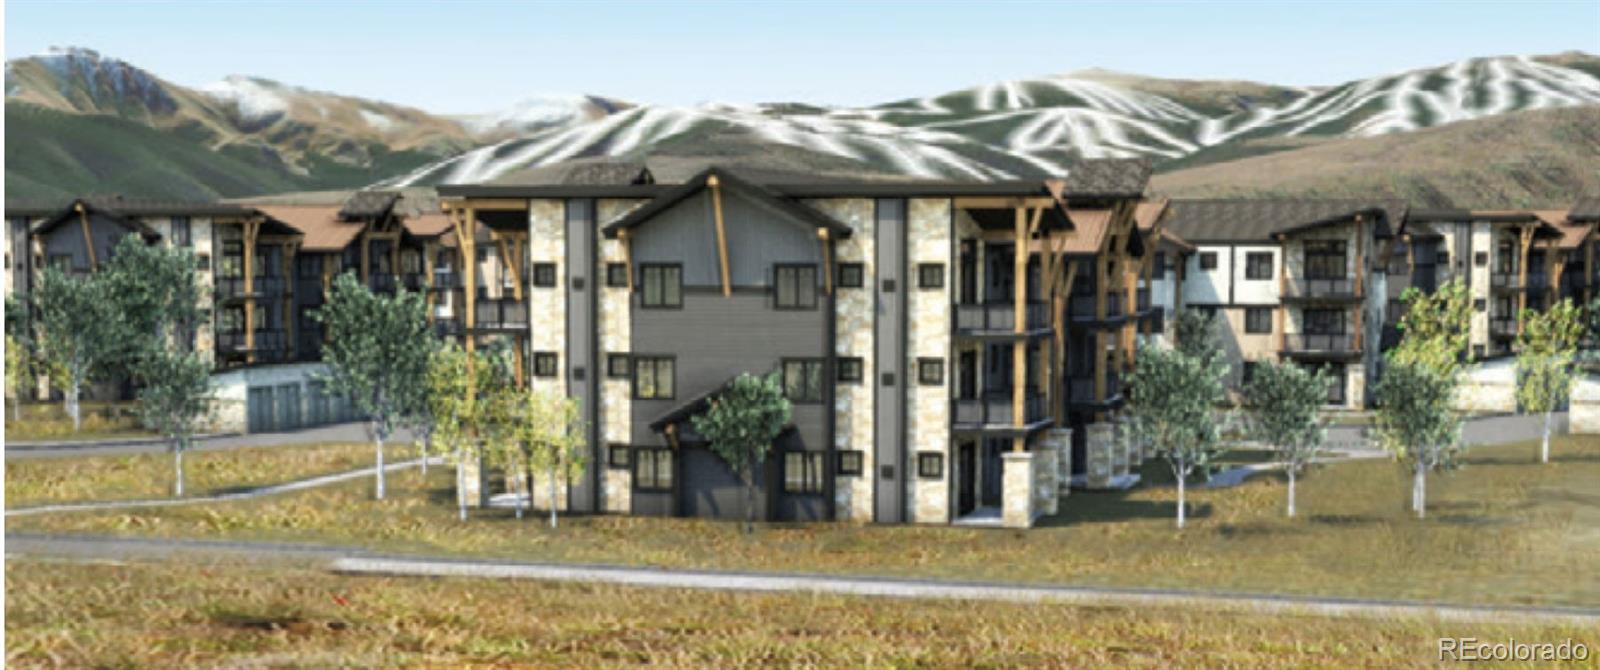 116 Springview Lane #203, Fraser, CO 80442 - #: 1677576